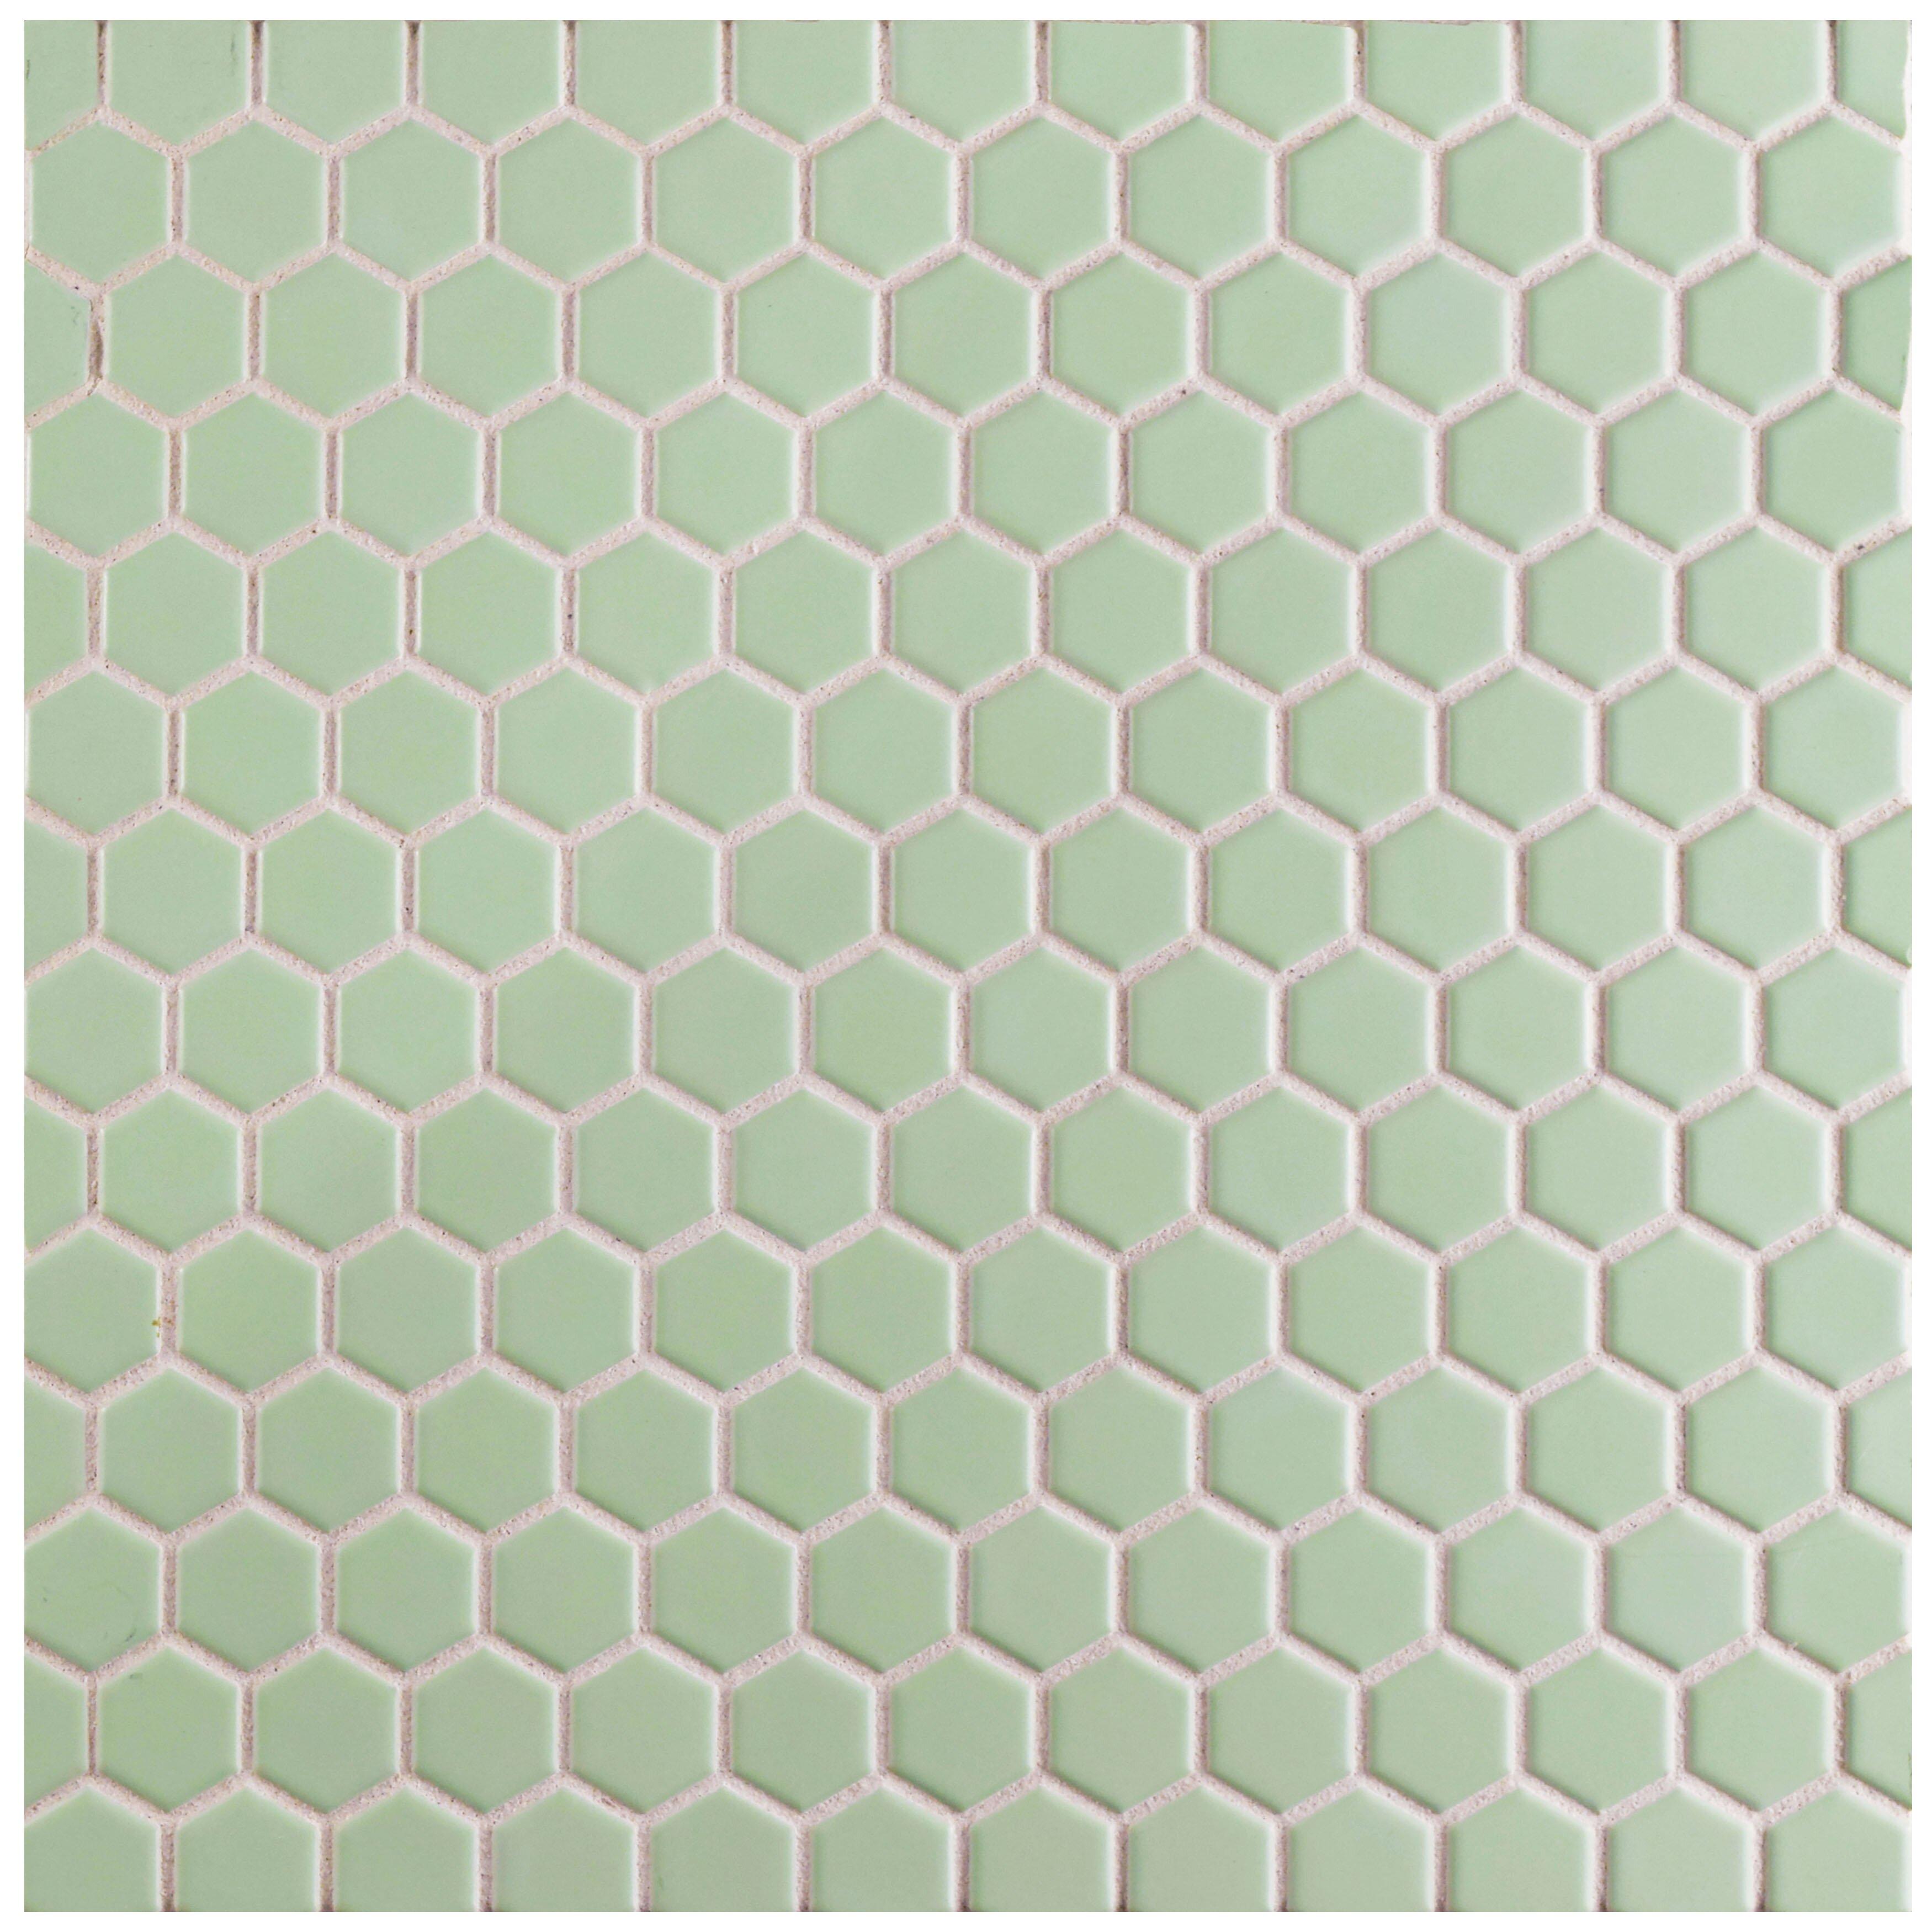 Elitetile Retro Hexagon 0 875 Quot X 0 875 Quot Porcelain Mosaic